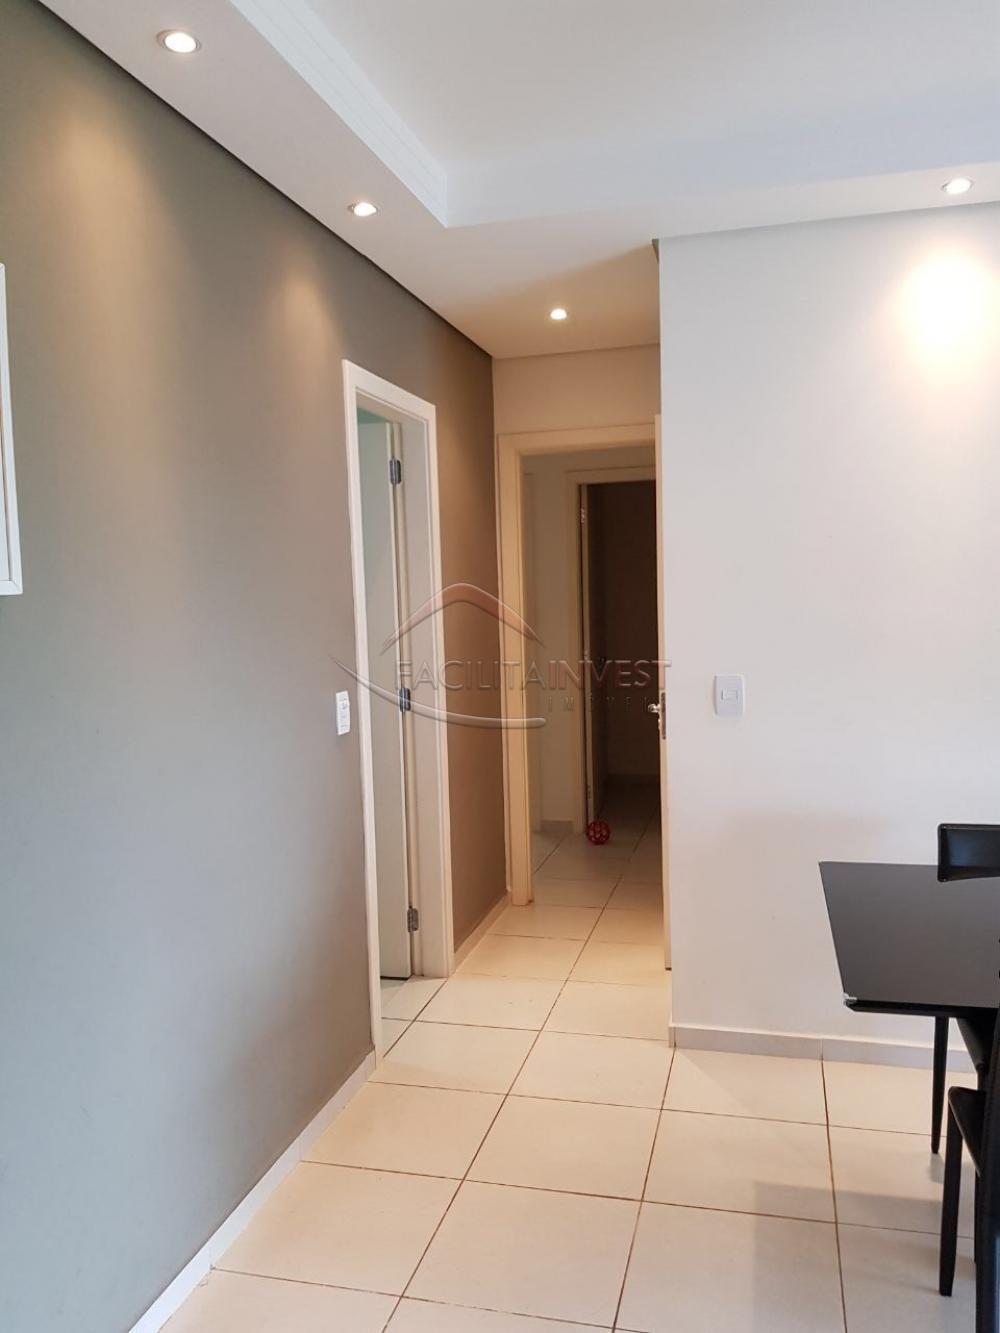 Comprar Apartamentos / Apart. Padrão em Ribeirão Preto apenas R$ 690.000,00 - Foto 5